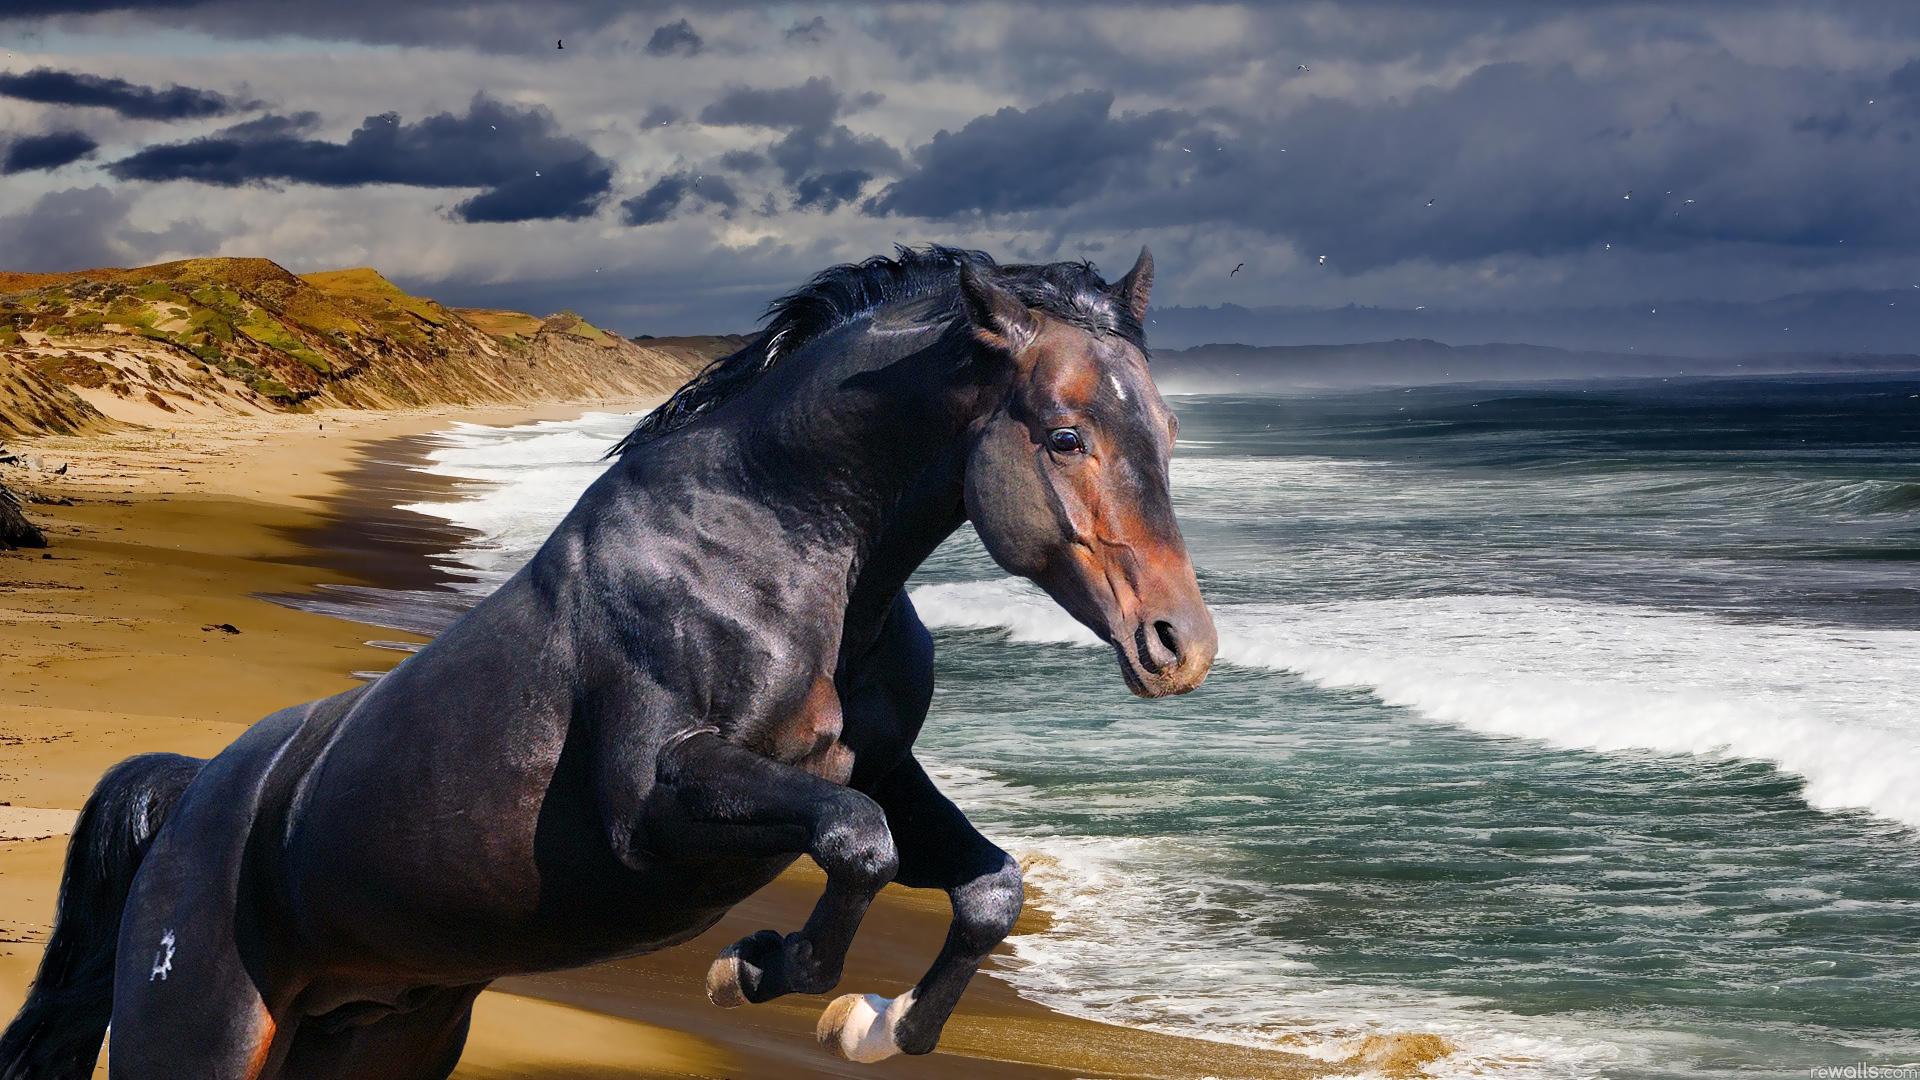 обои для рабочего стола лошади 1366x768 № 447557 бесплатно